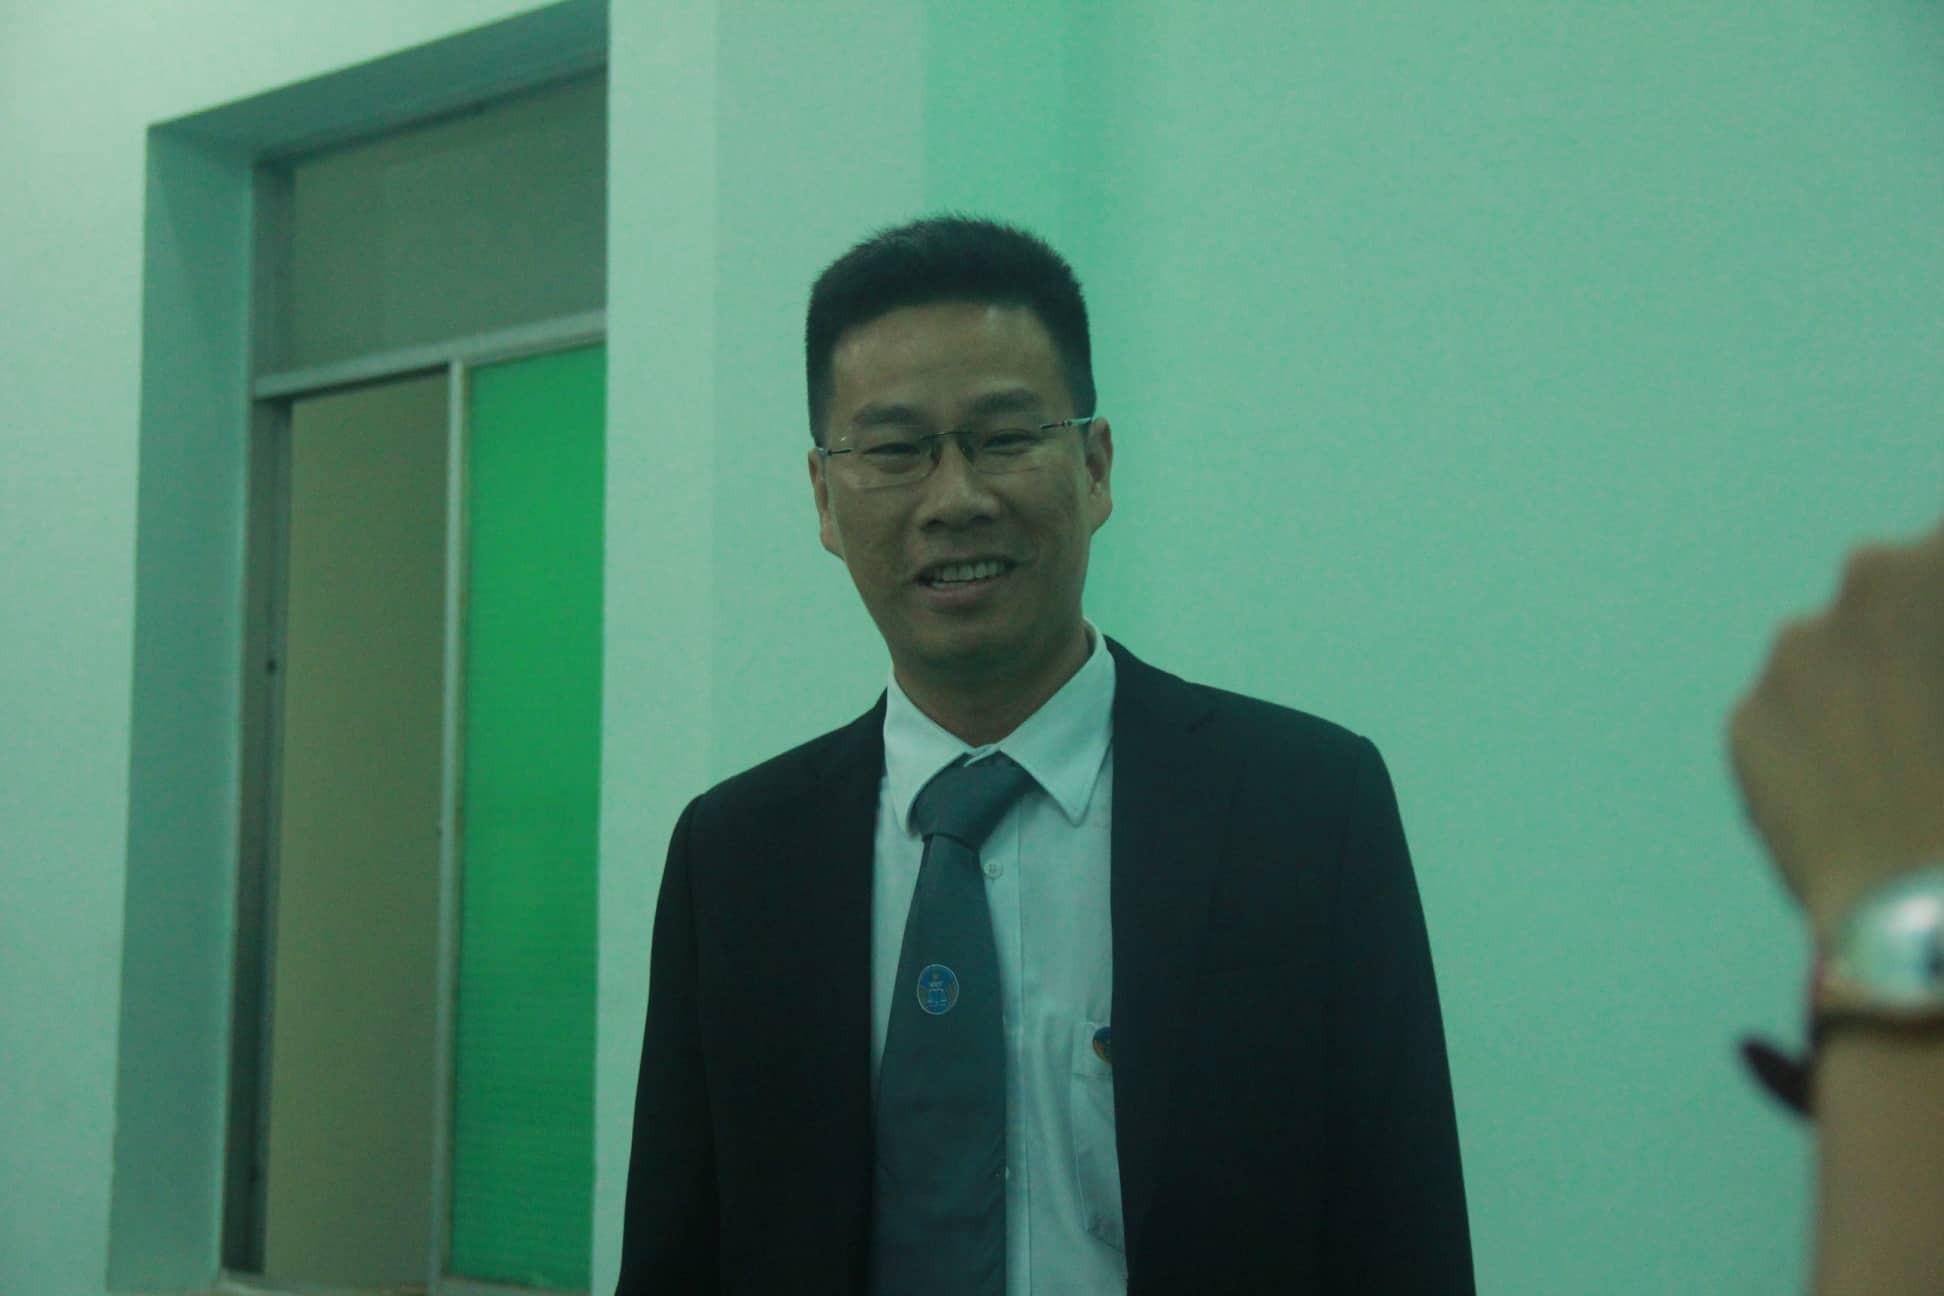 Nguyễn Hữu Linh chính thức bị xét xử tội dâm ô, công an phong tỏa nghiêm ngặt trước tòa án-7